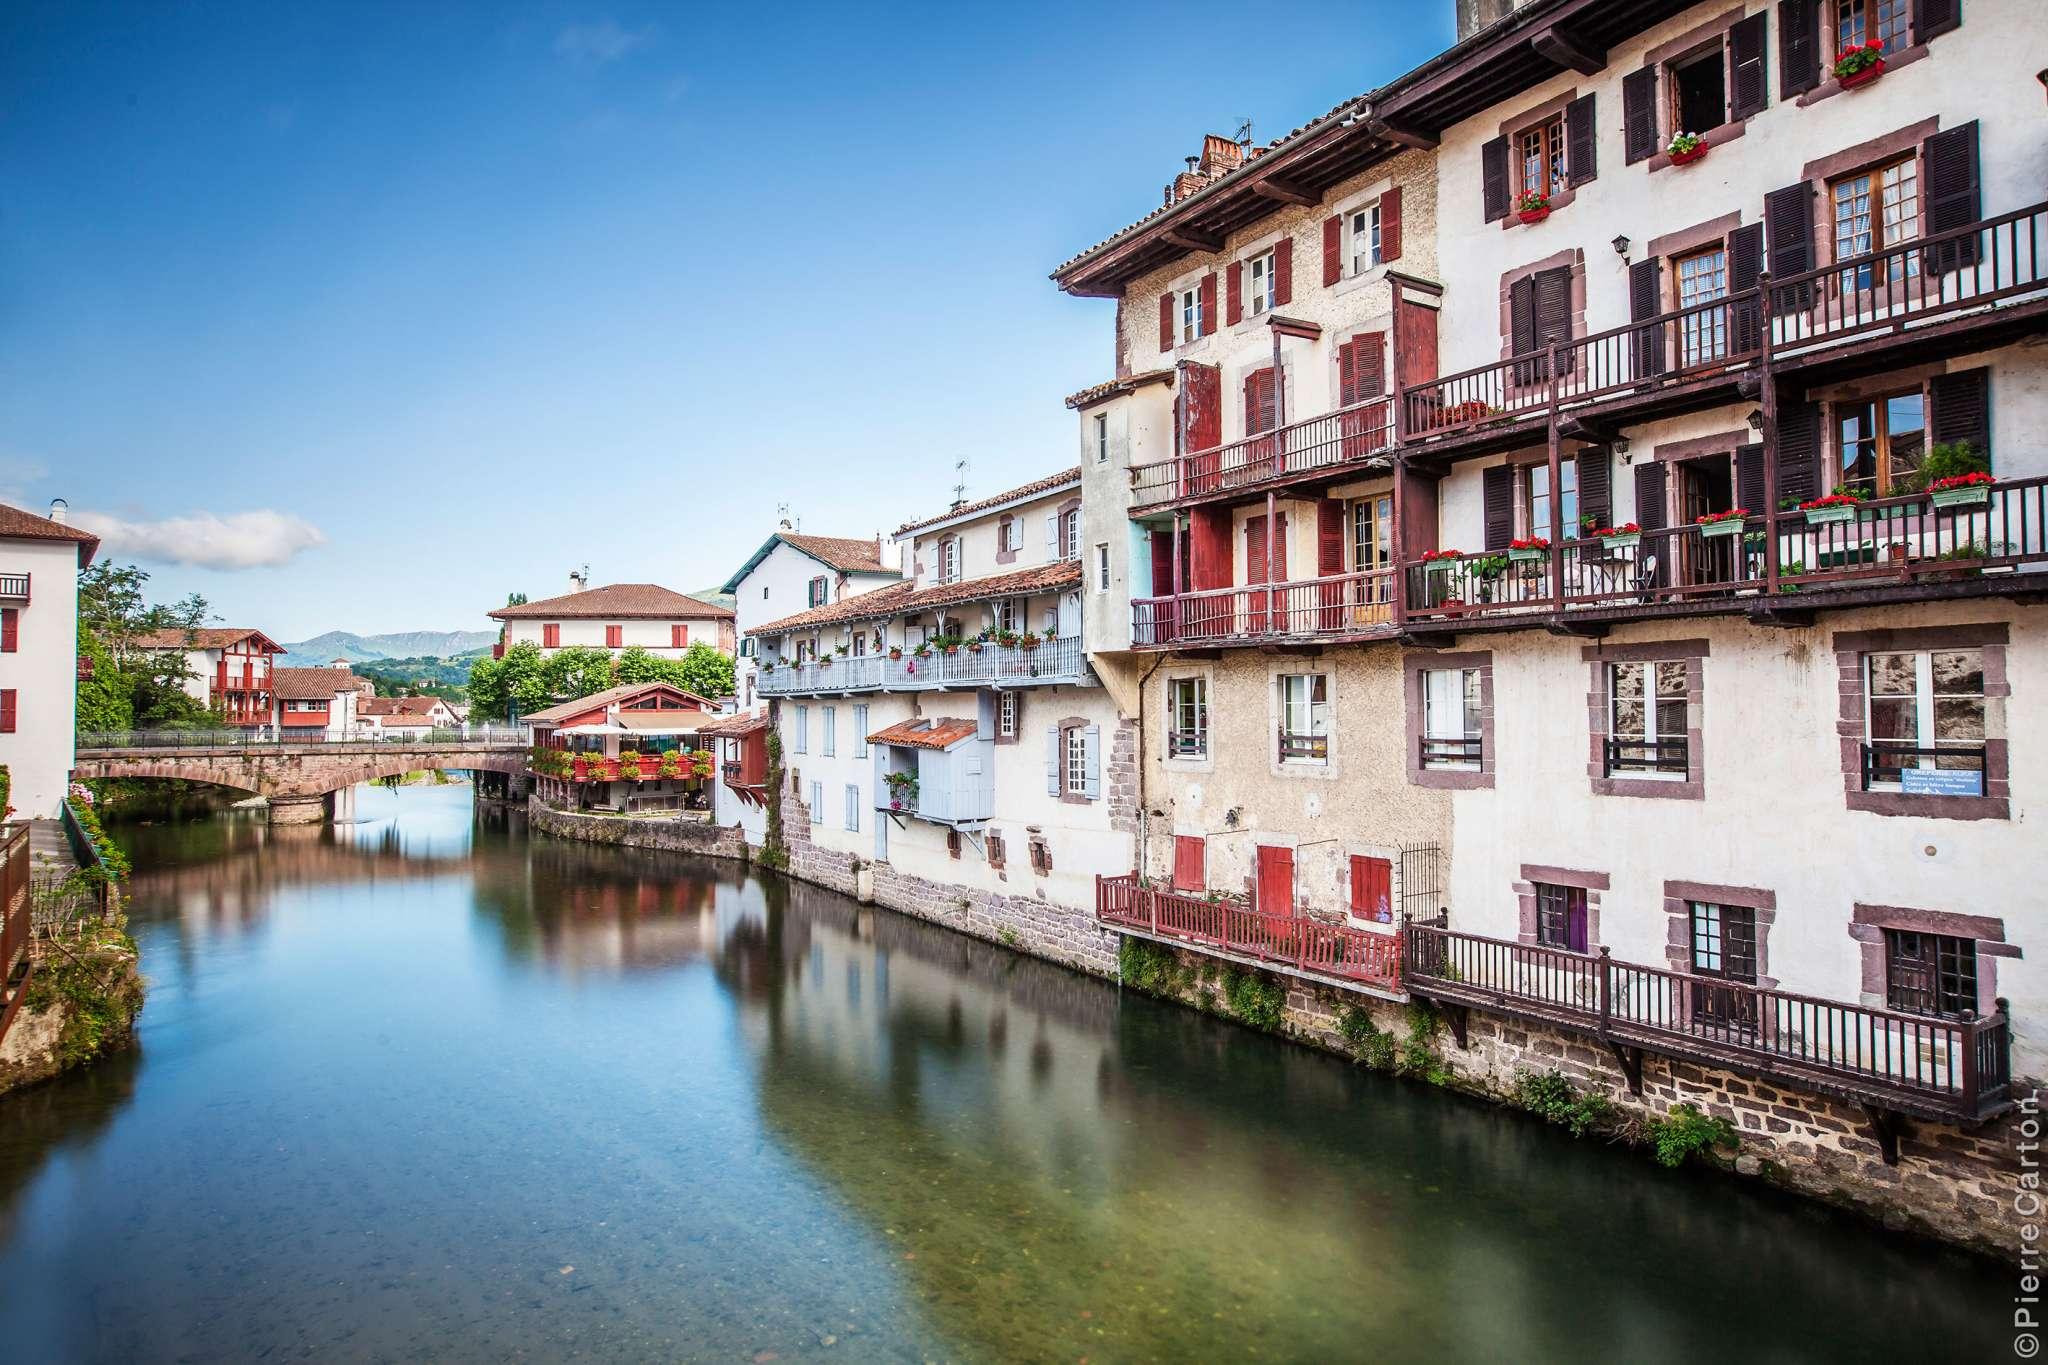 vue-maisons-et-nive-pont-eglise-st-jean-pied-de-port-bd-carton